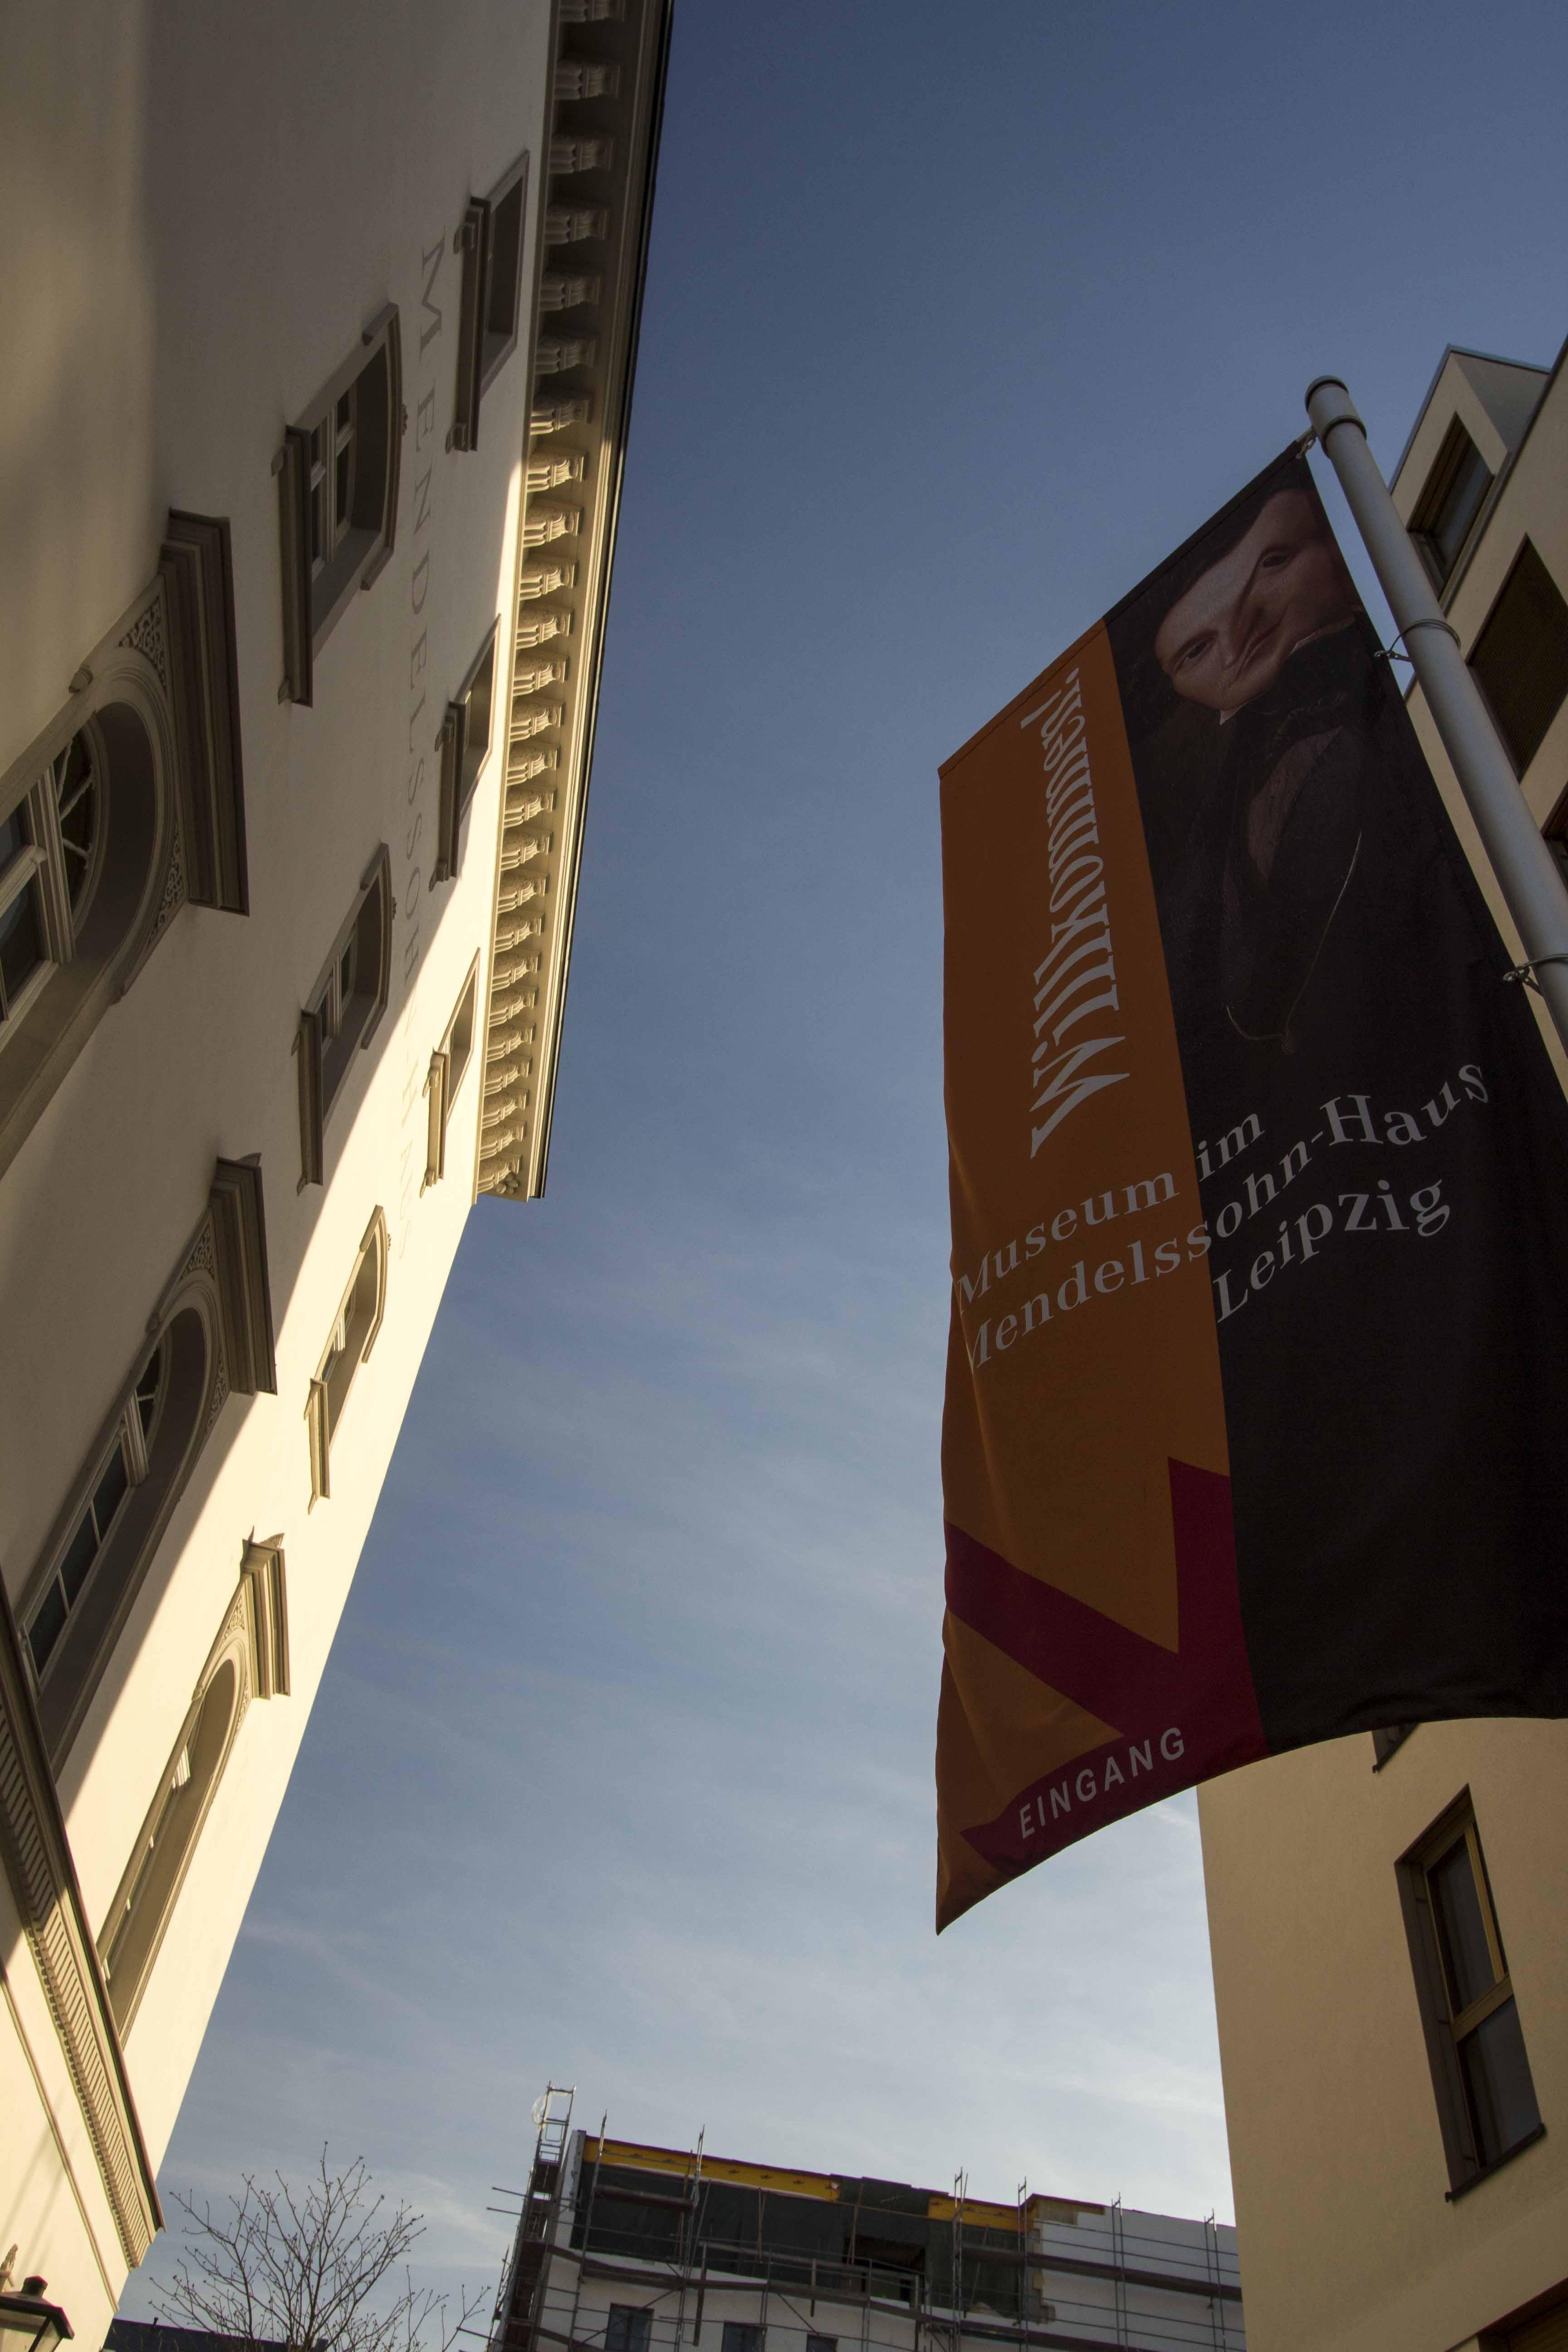 Mendelsohnhaus_1